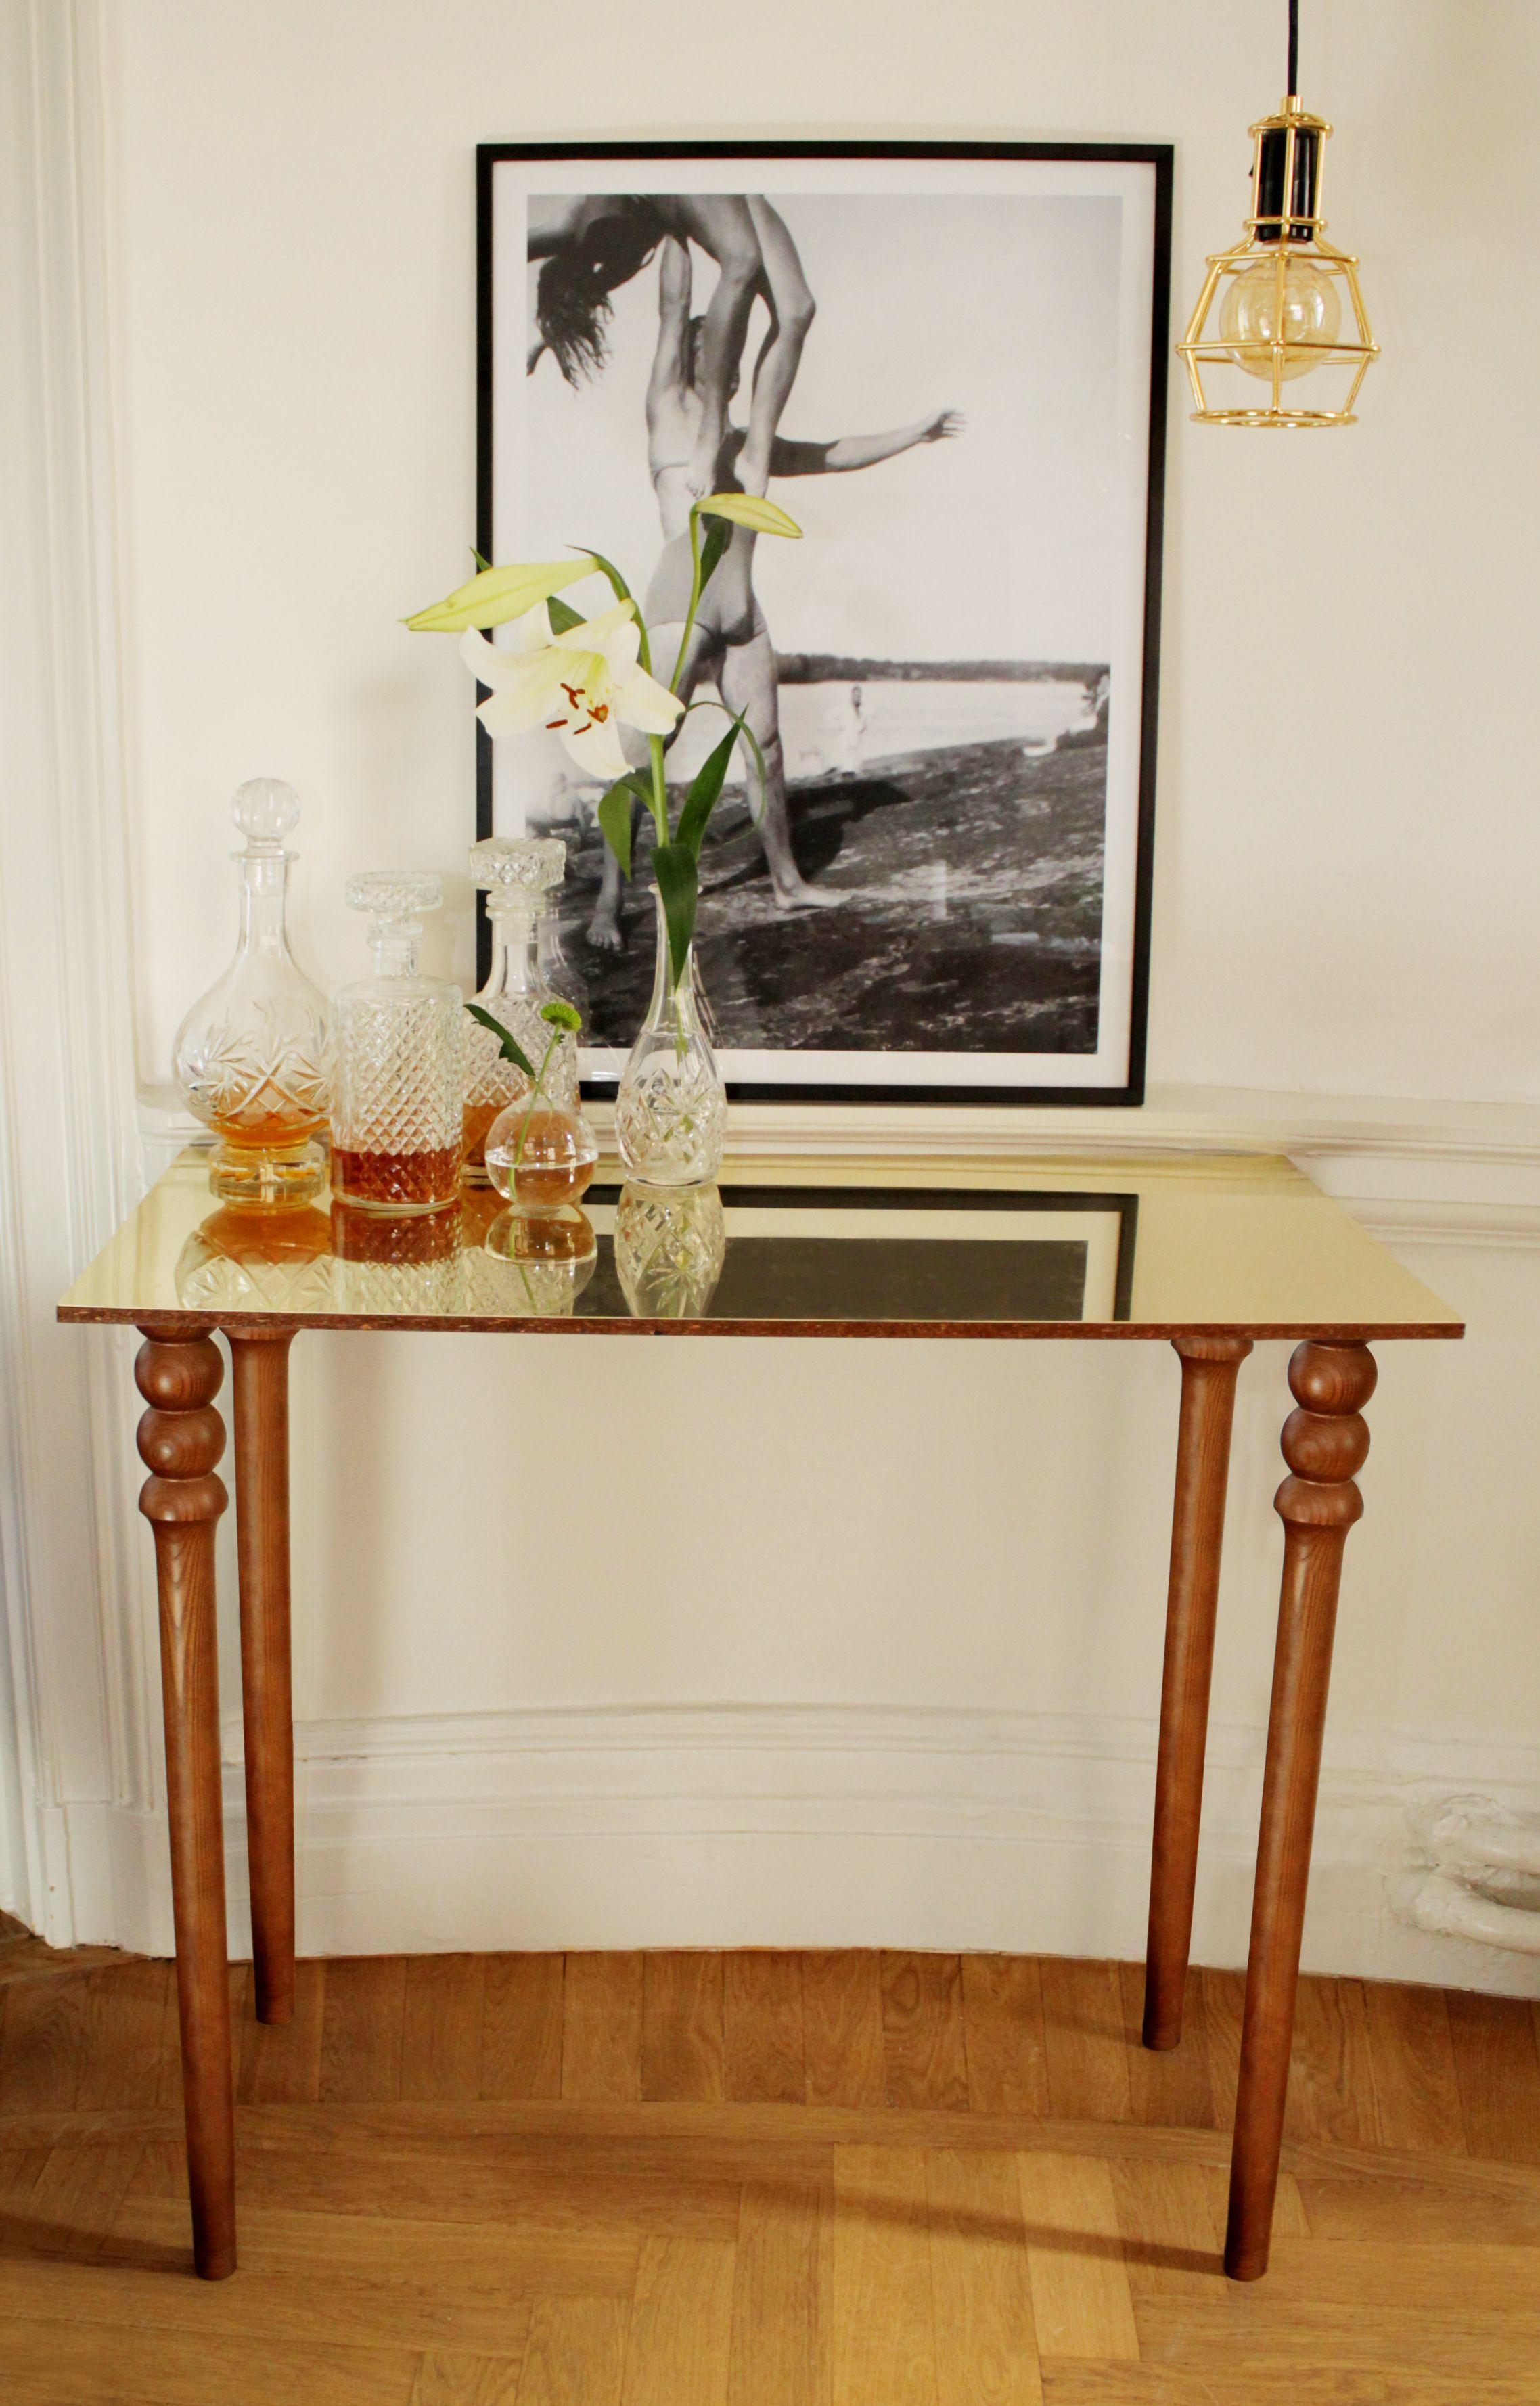 0d07881e4e3594caf29e64f03e195b78 Impressionnant De Pieds Pour Table Basse Concept